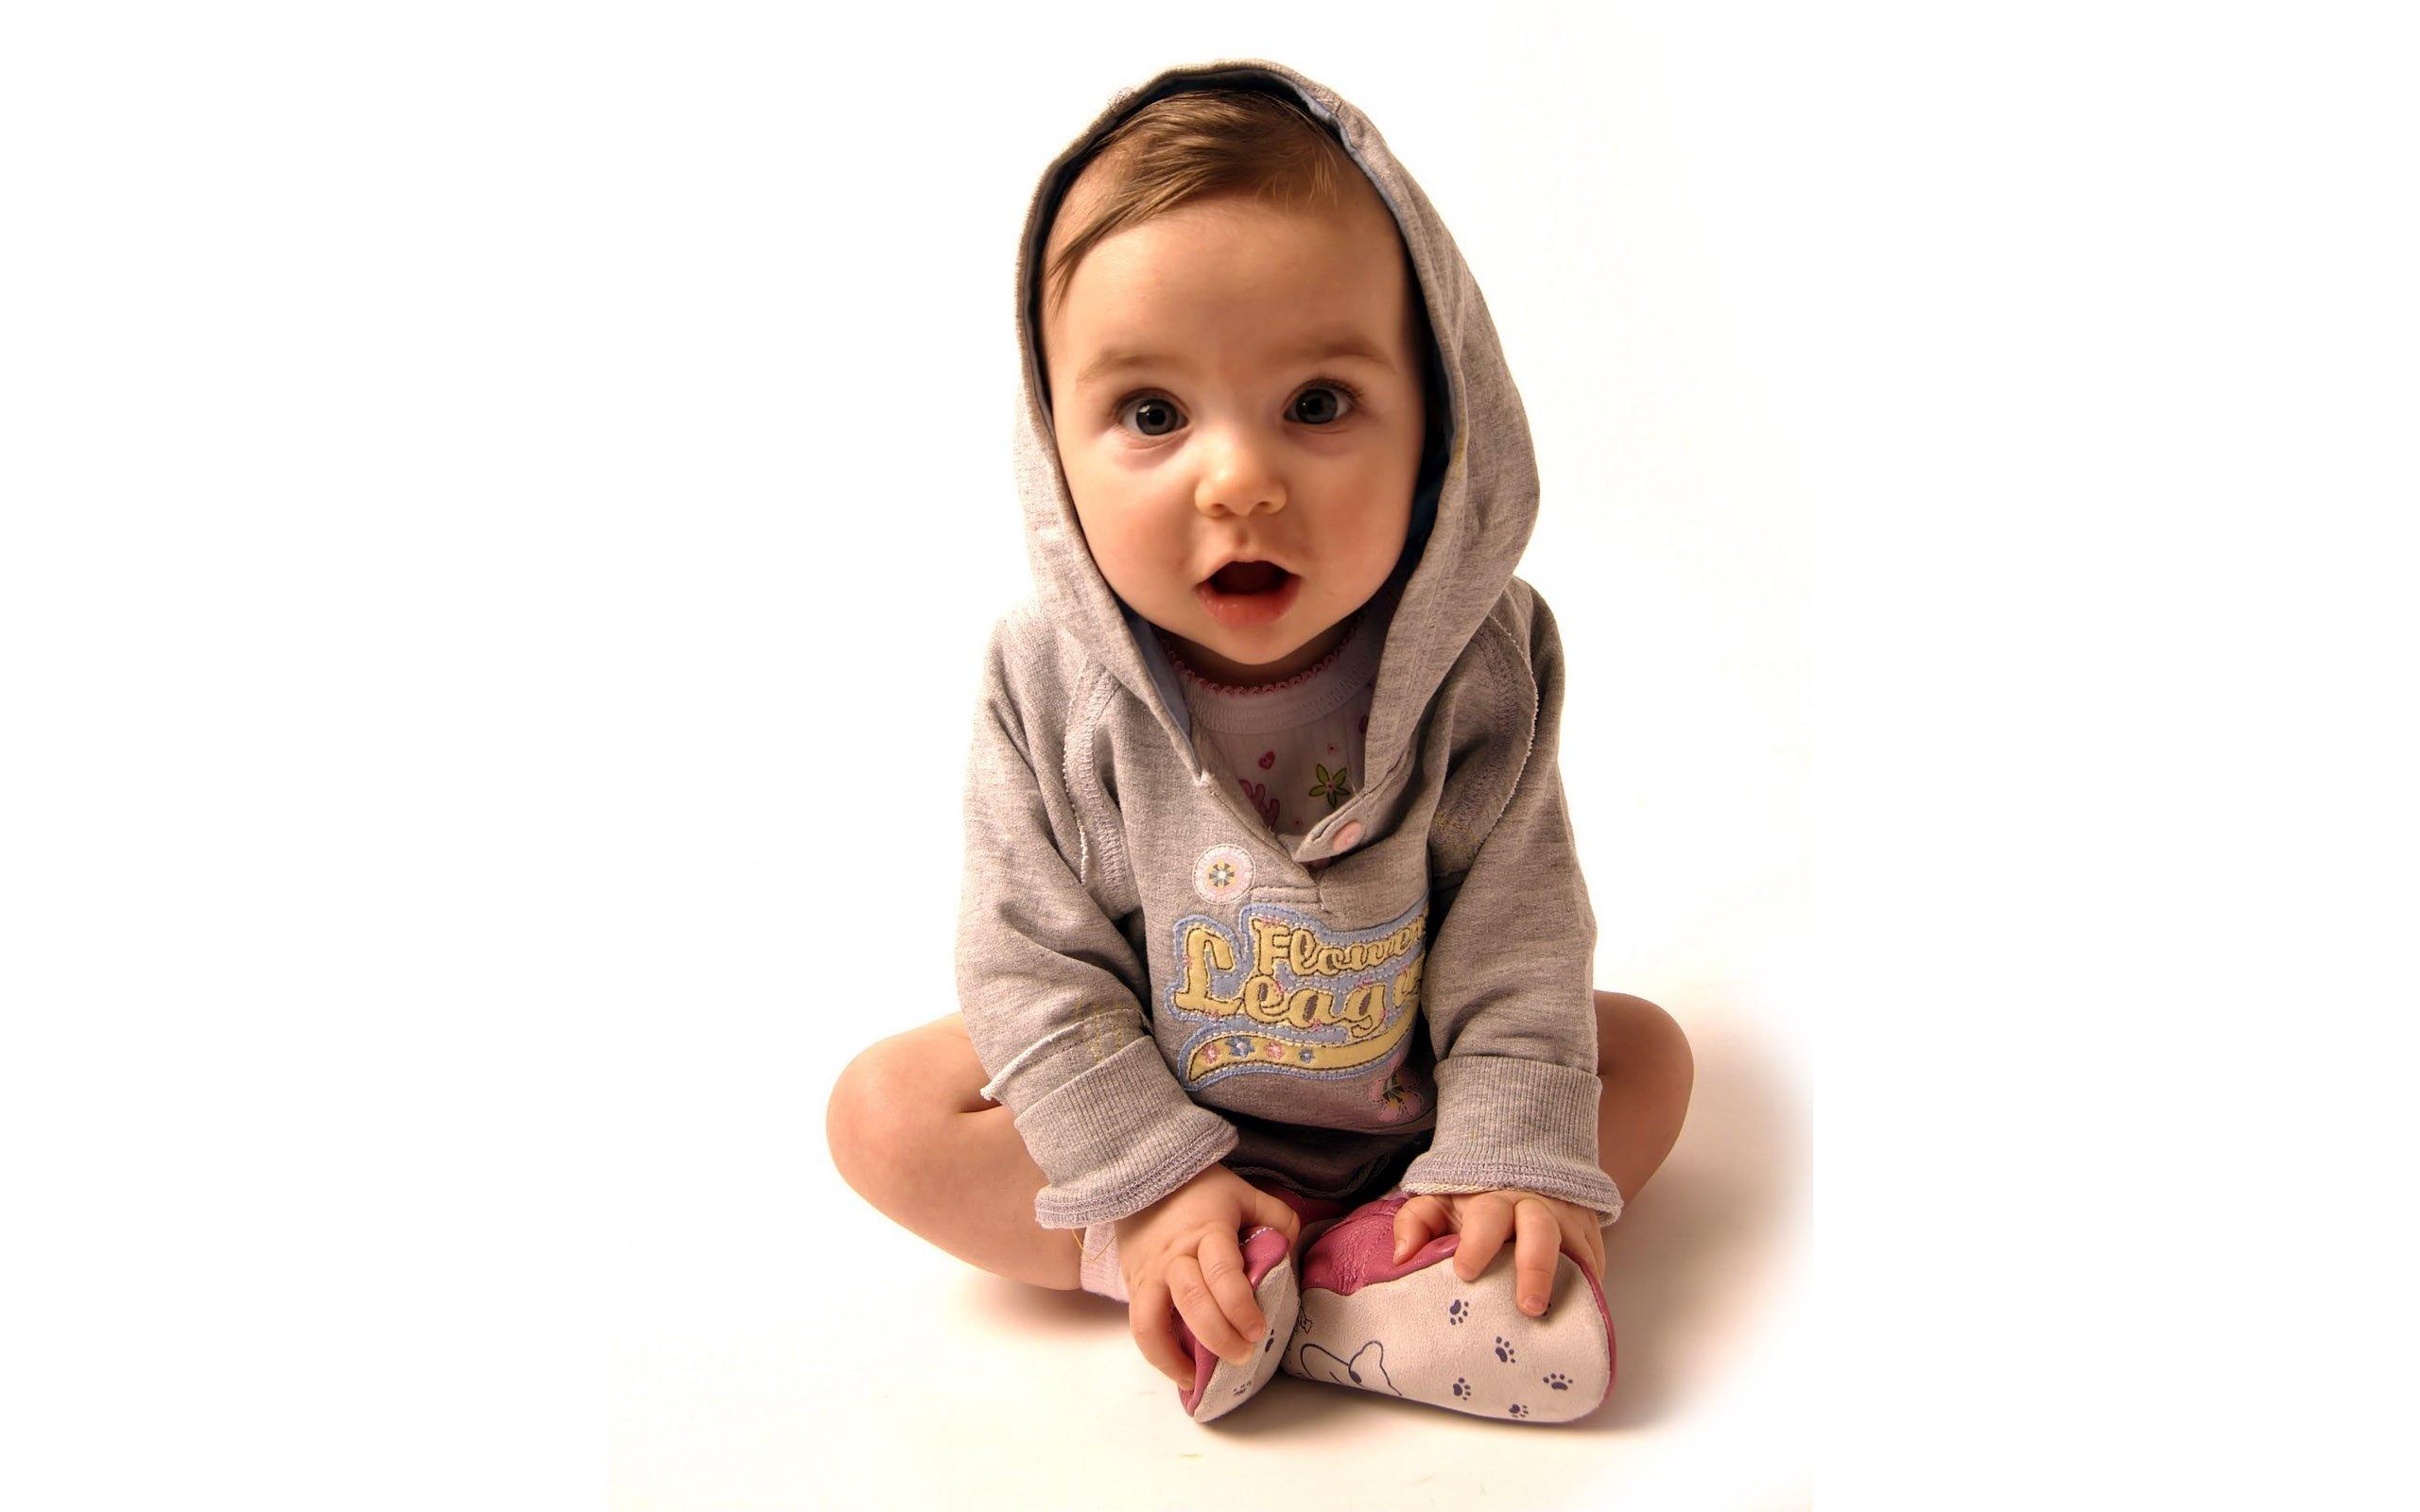 people_children_kid_in_the_sweatshirt_031419_